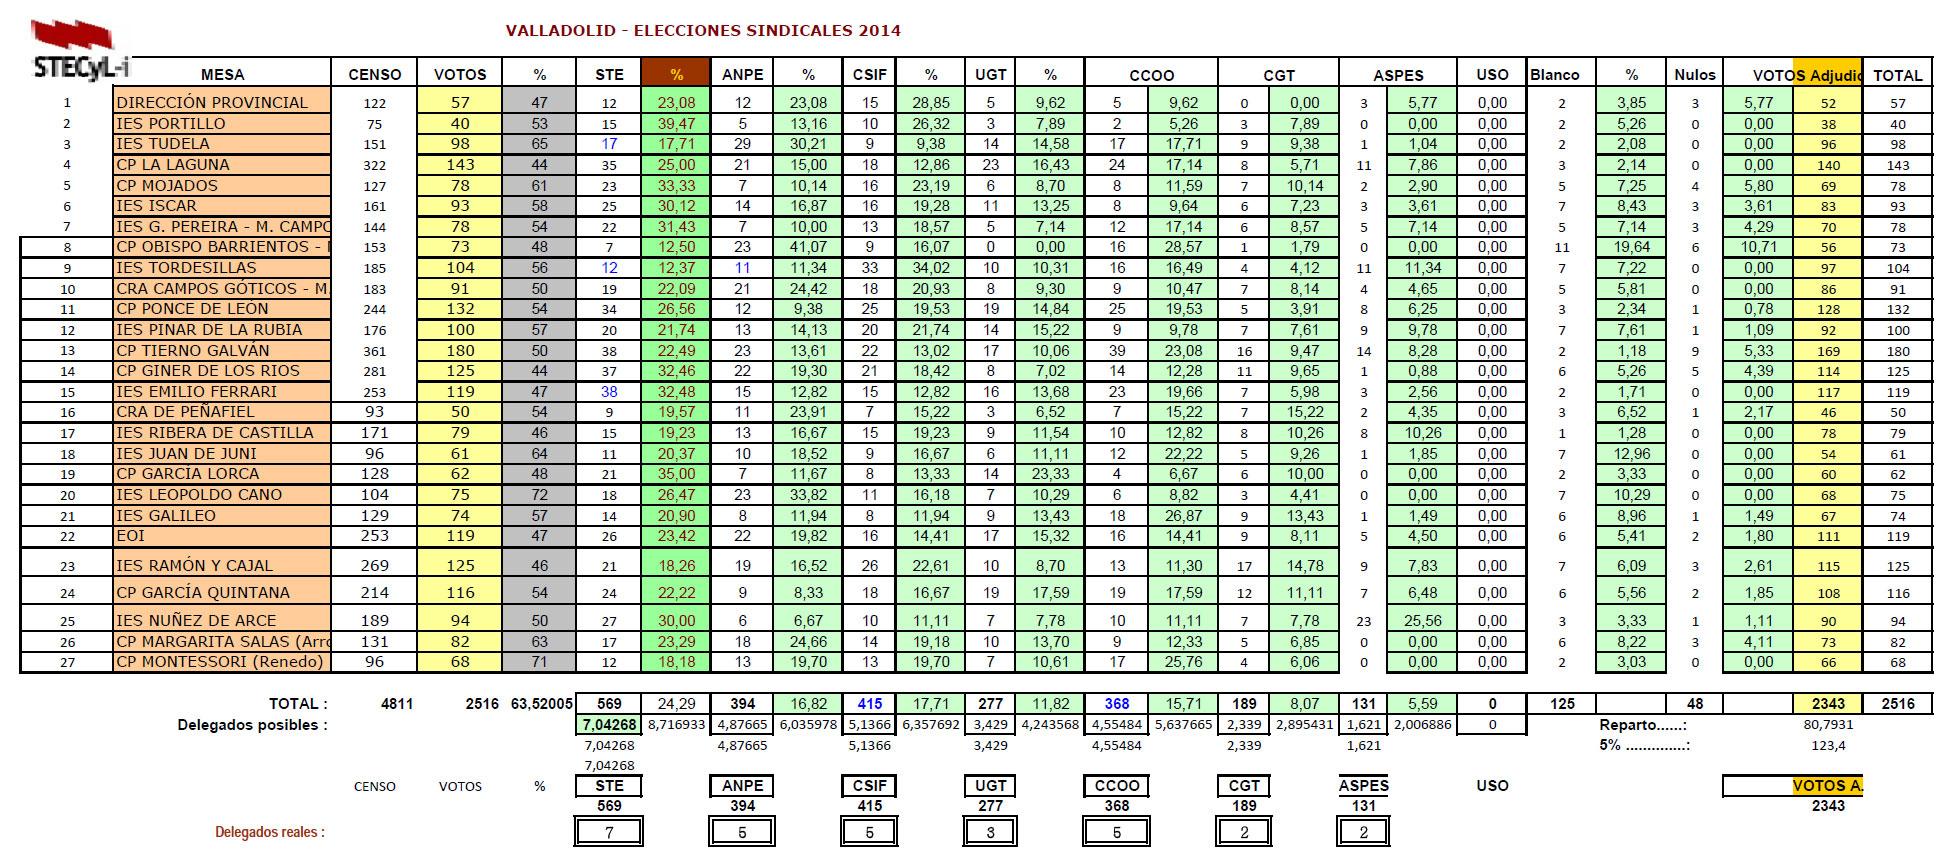 Resultados_ES2014_Valladoli